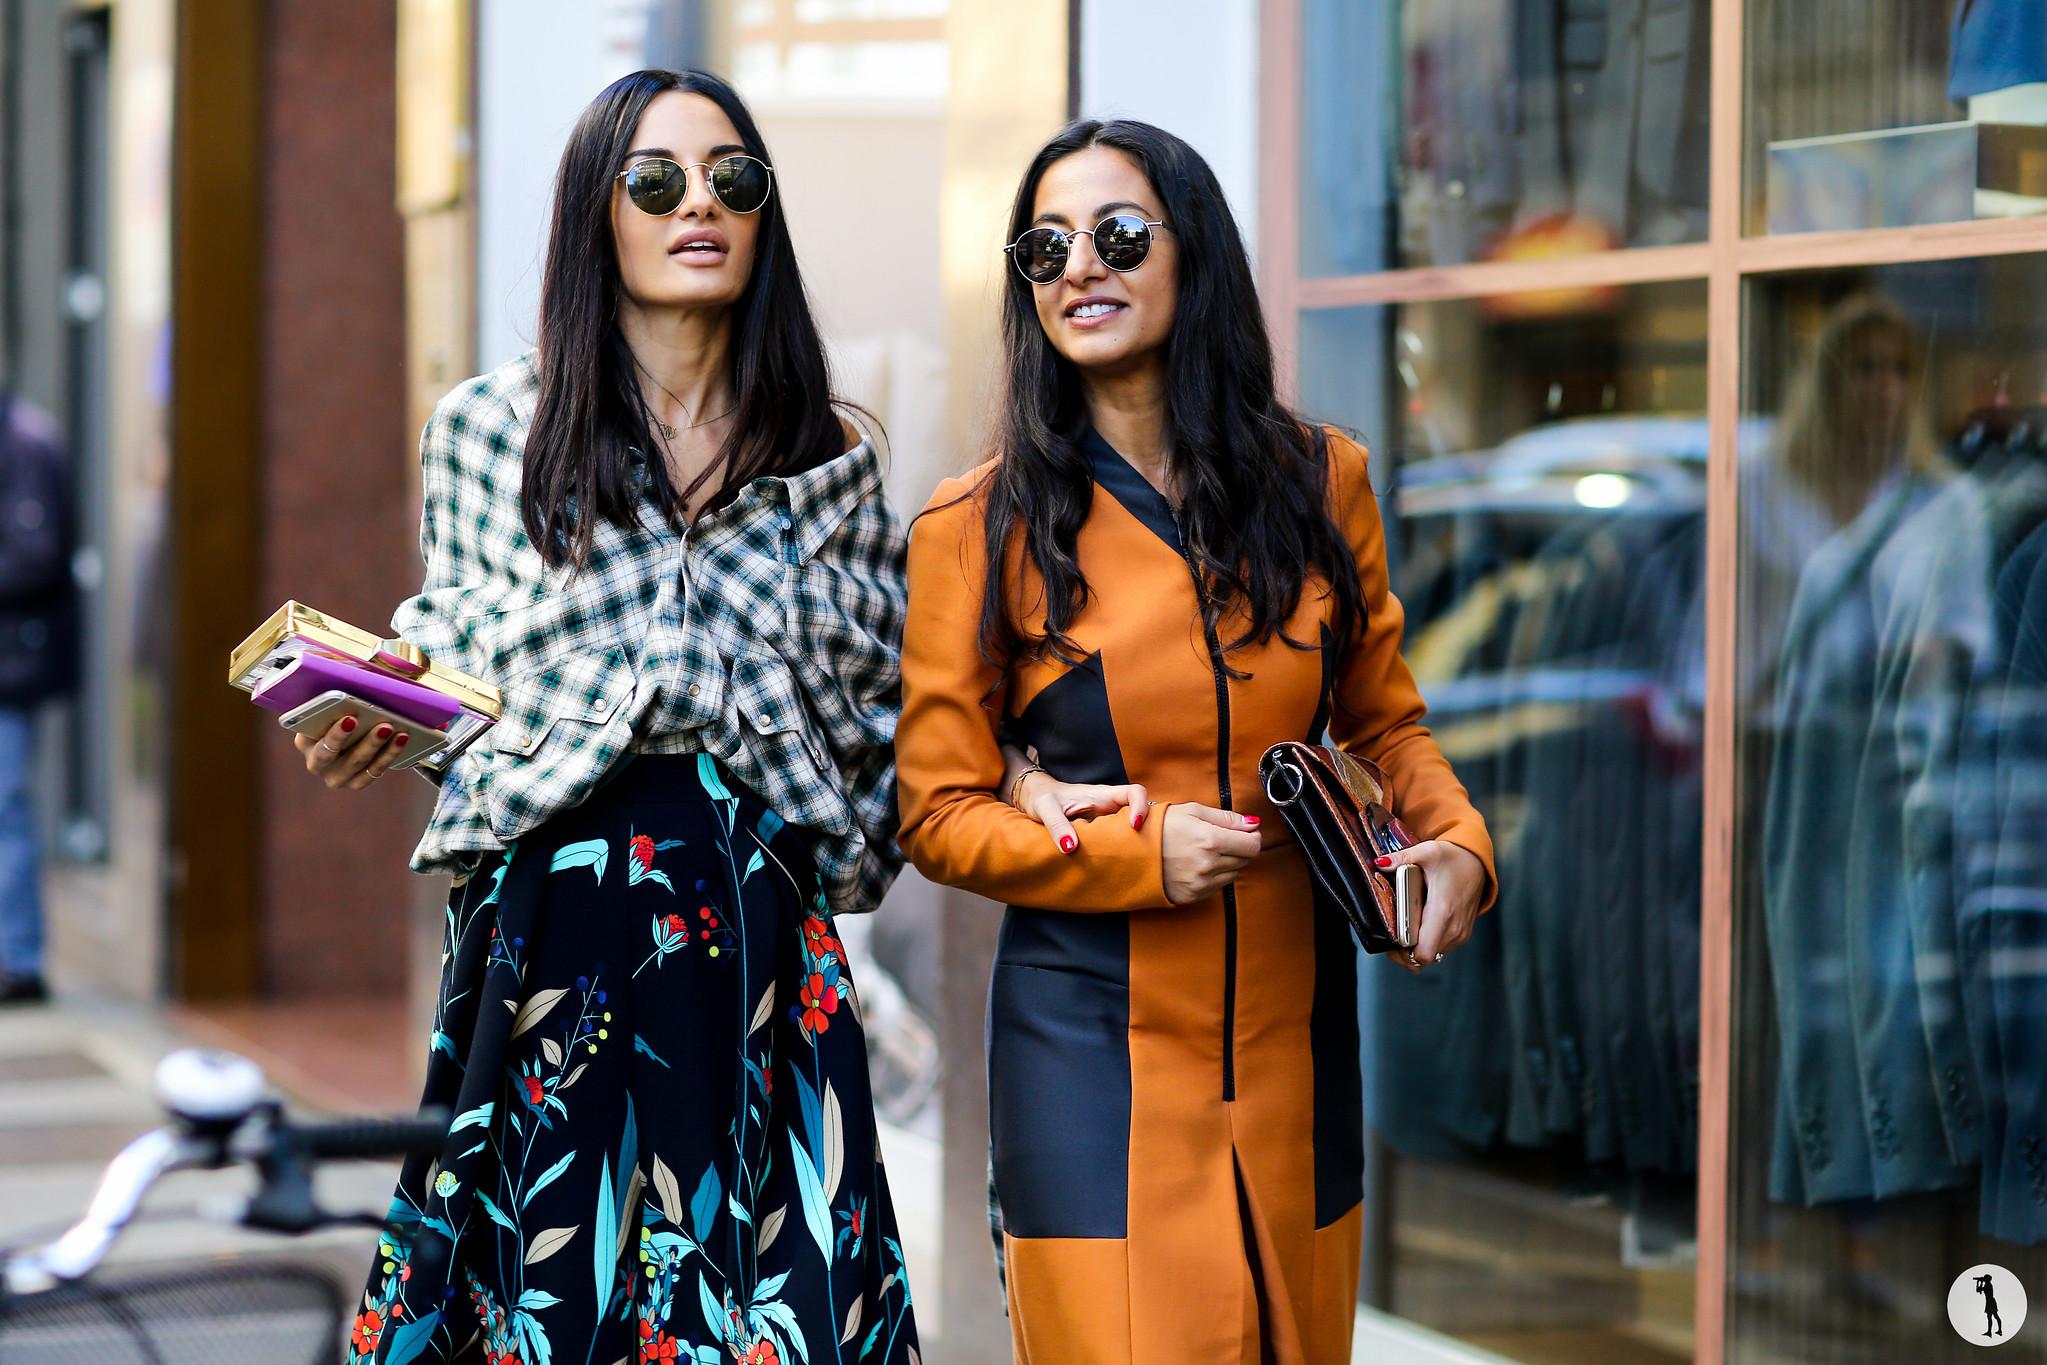 Amina Muaddi and Nausheen Shah at Milan Fashion Week